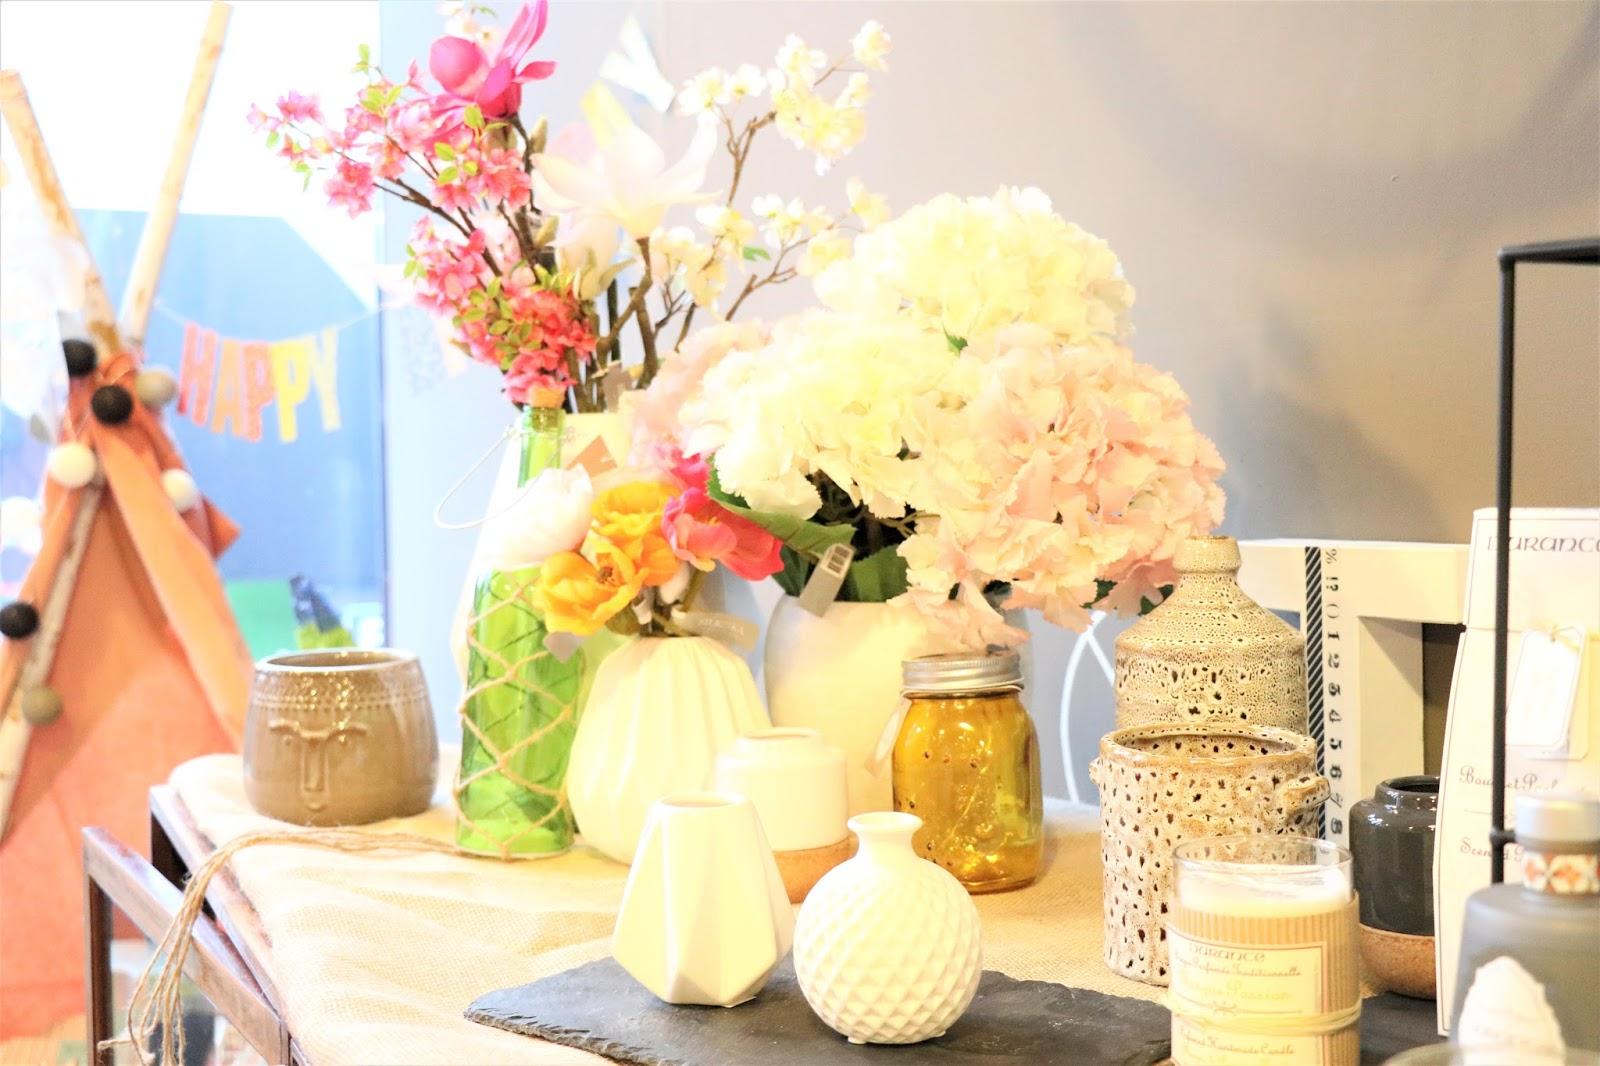 les gommettes de melo déco décoration home maison scandinave zodio zôdio magasin enseigne boutique magasin enfant salon chambre salle de bain cuisine nouvelle collection new co printemps été 2017